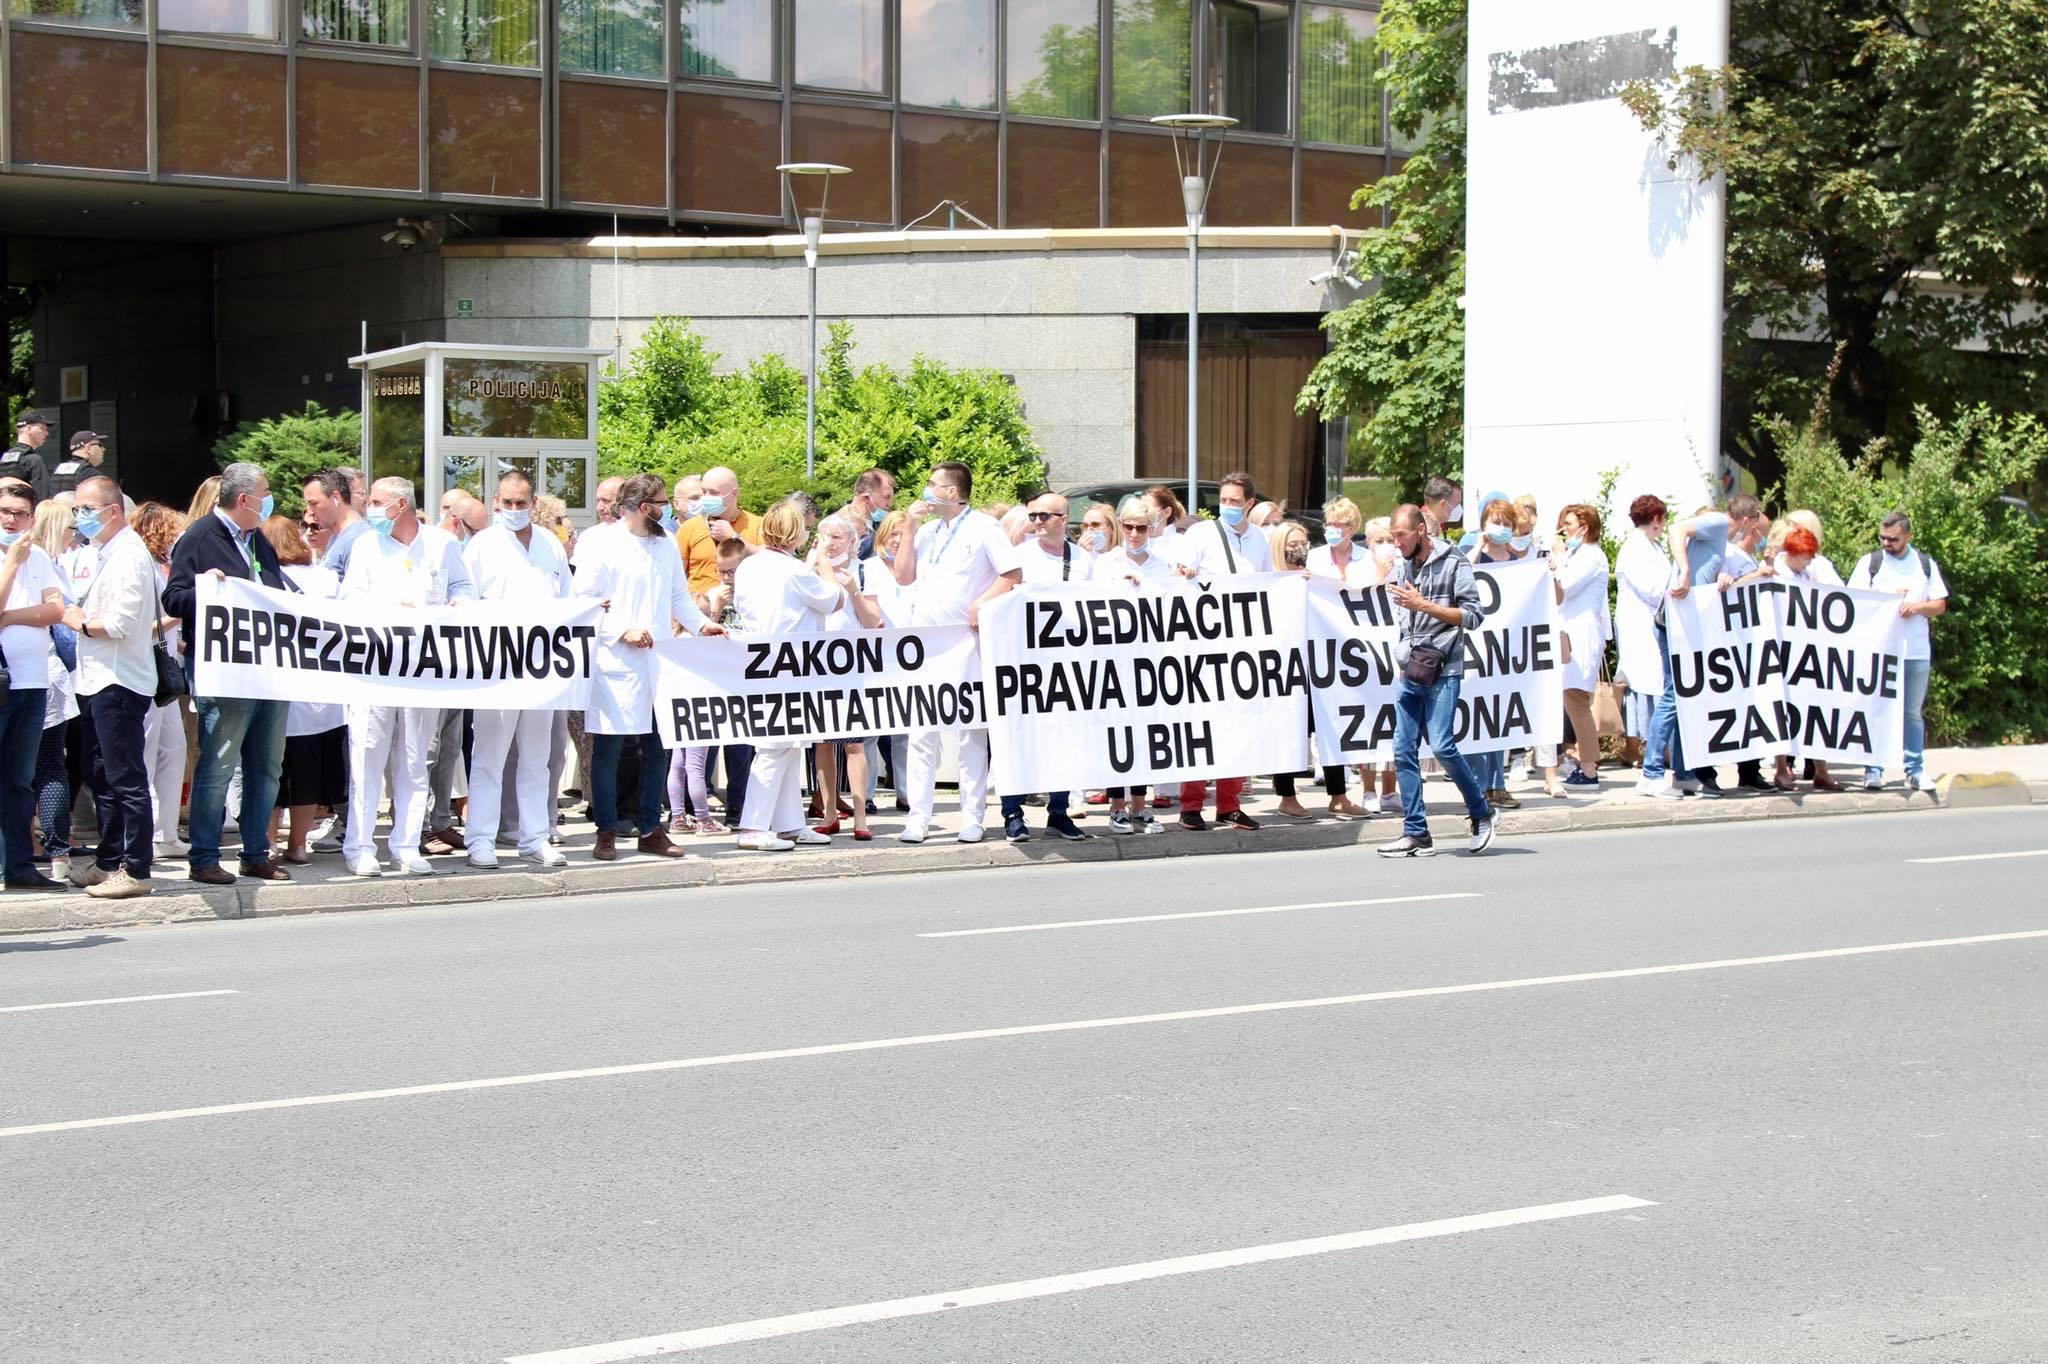 Doktori iz FBiH ponovo izlaze na proteste, pripremaju štrajk